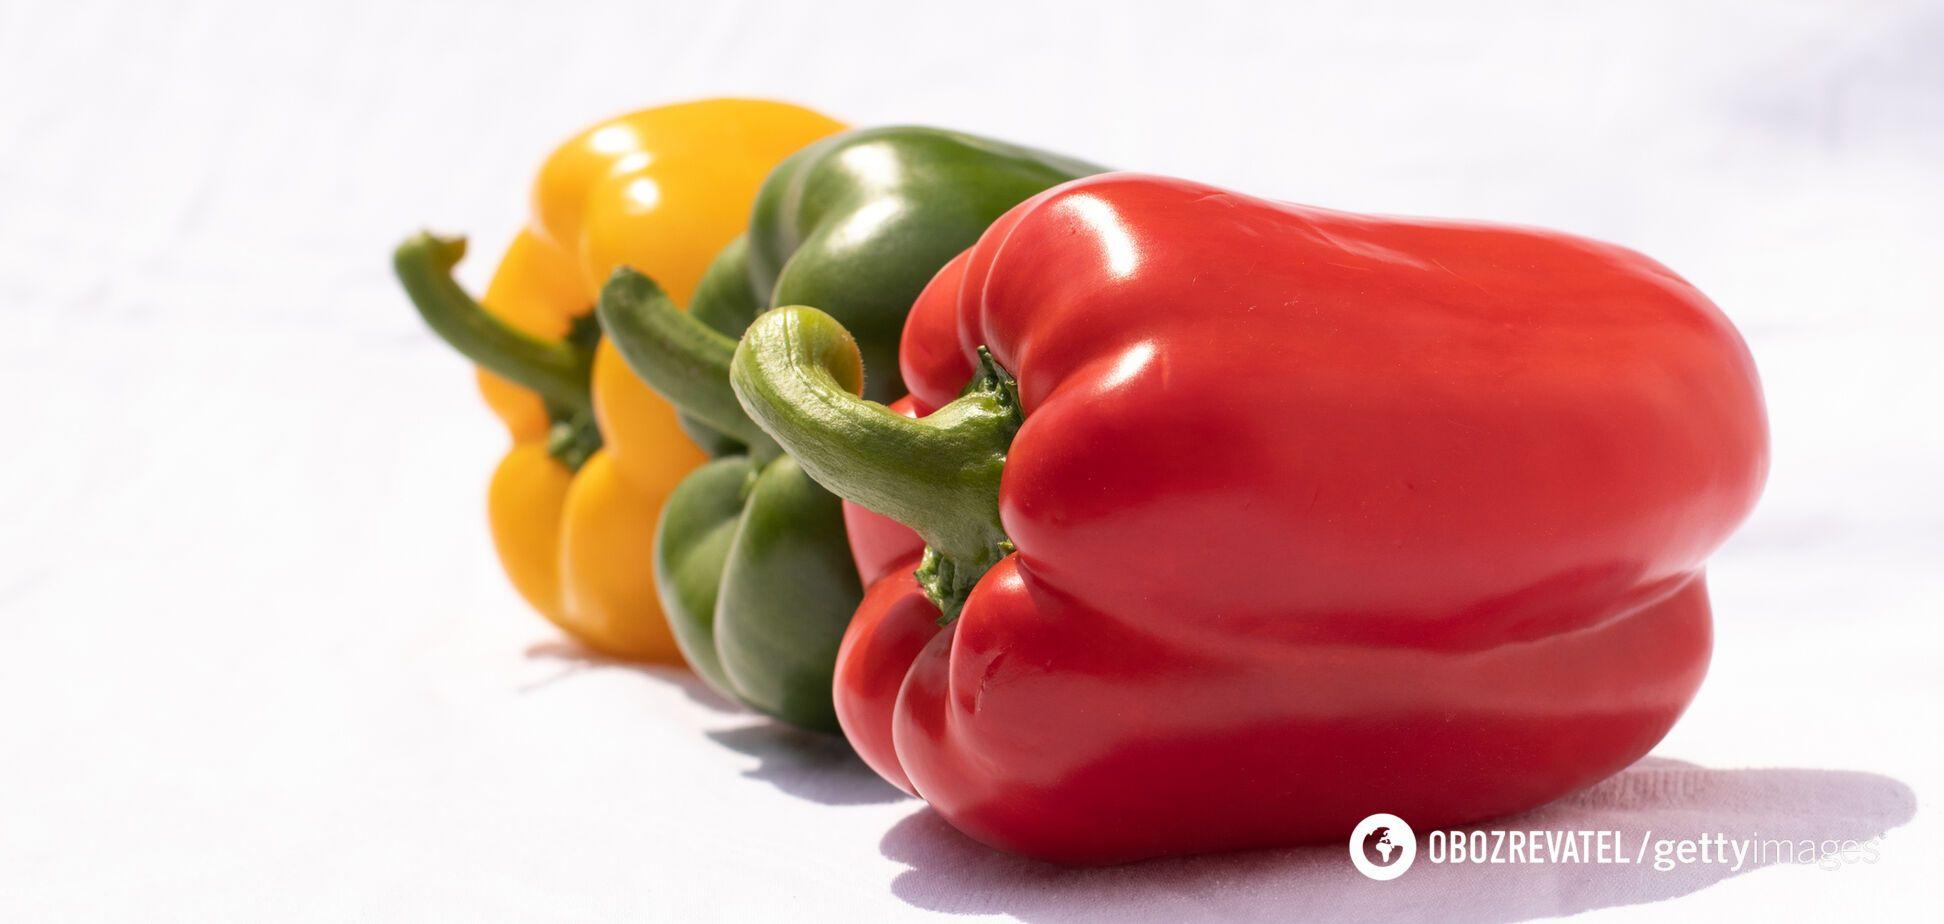 У червоному перці міститься більше вітаміну С, ніж в жовтому або зеленому